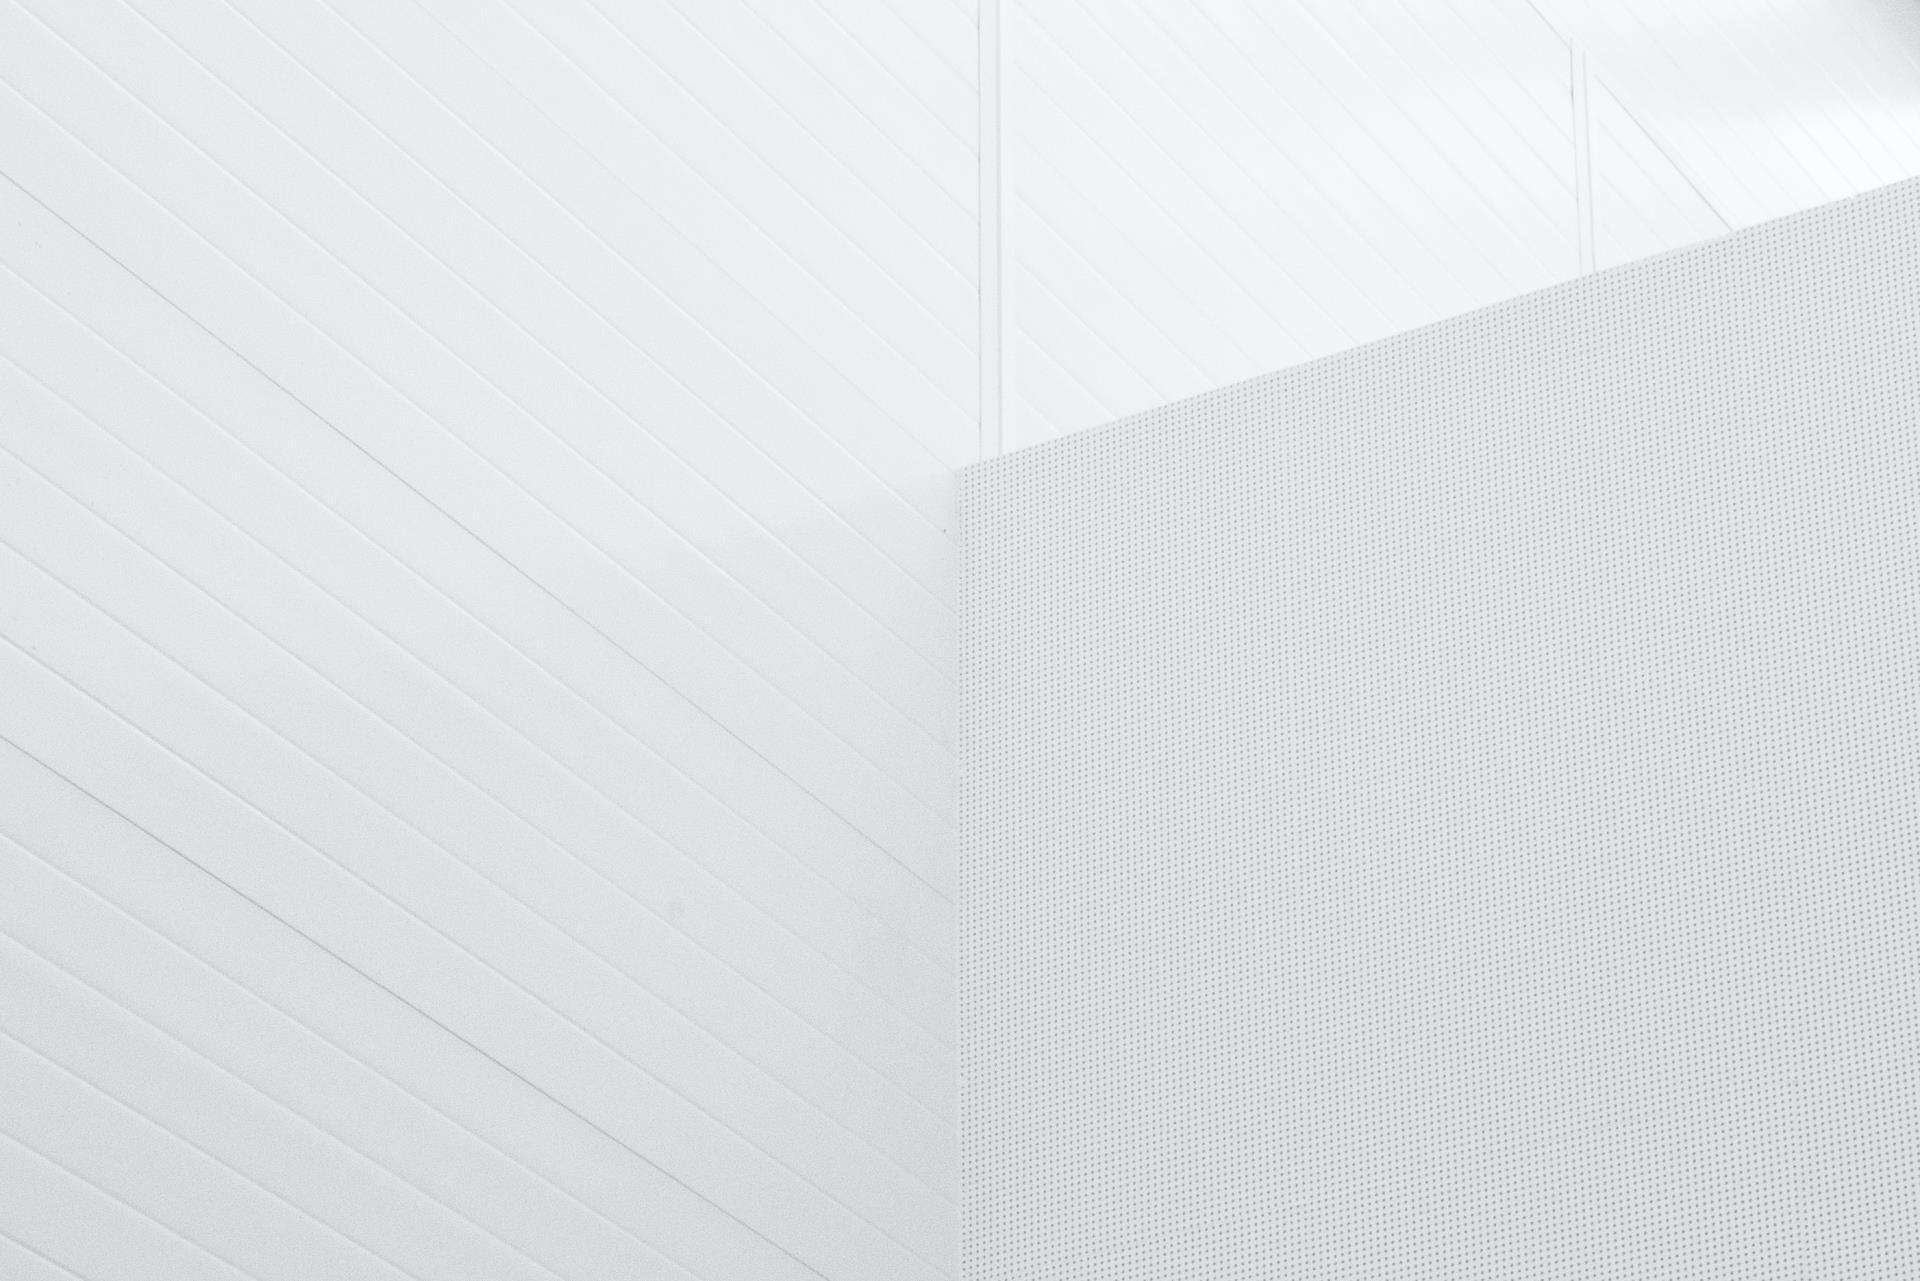 Apartamentos, casas y otros bienes inmuebles, Portugal